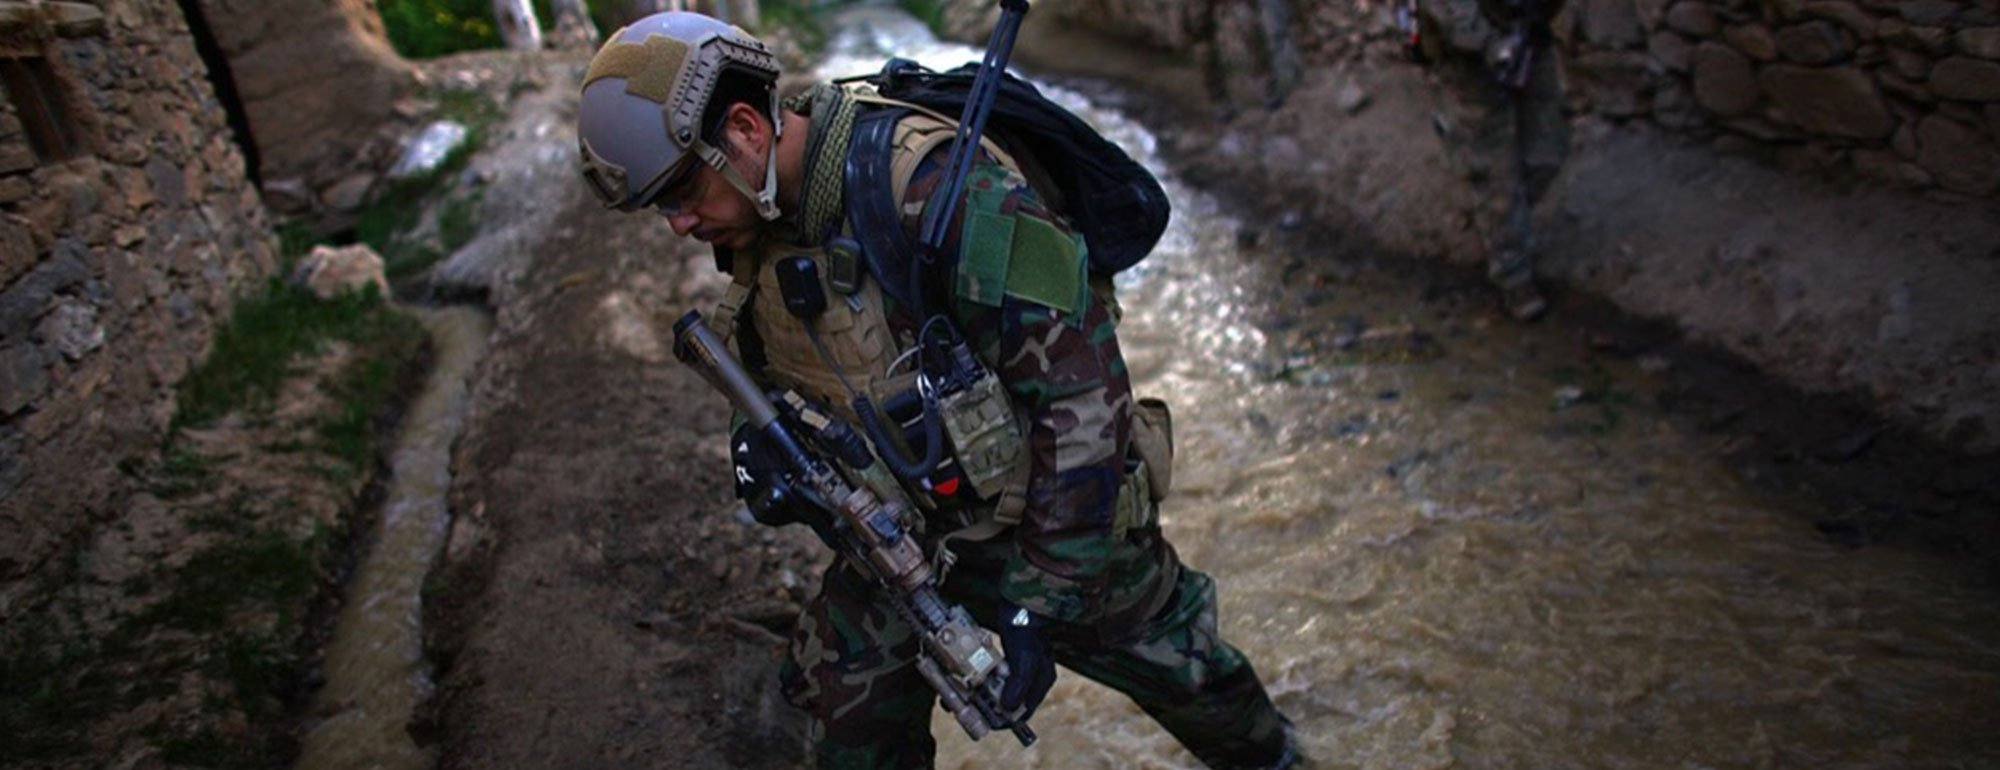 Military Rucking